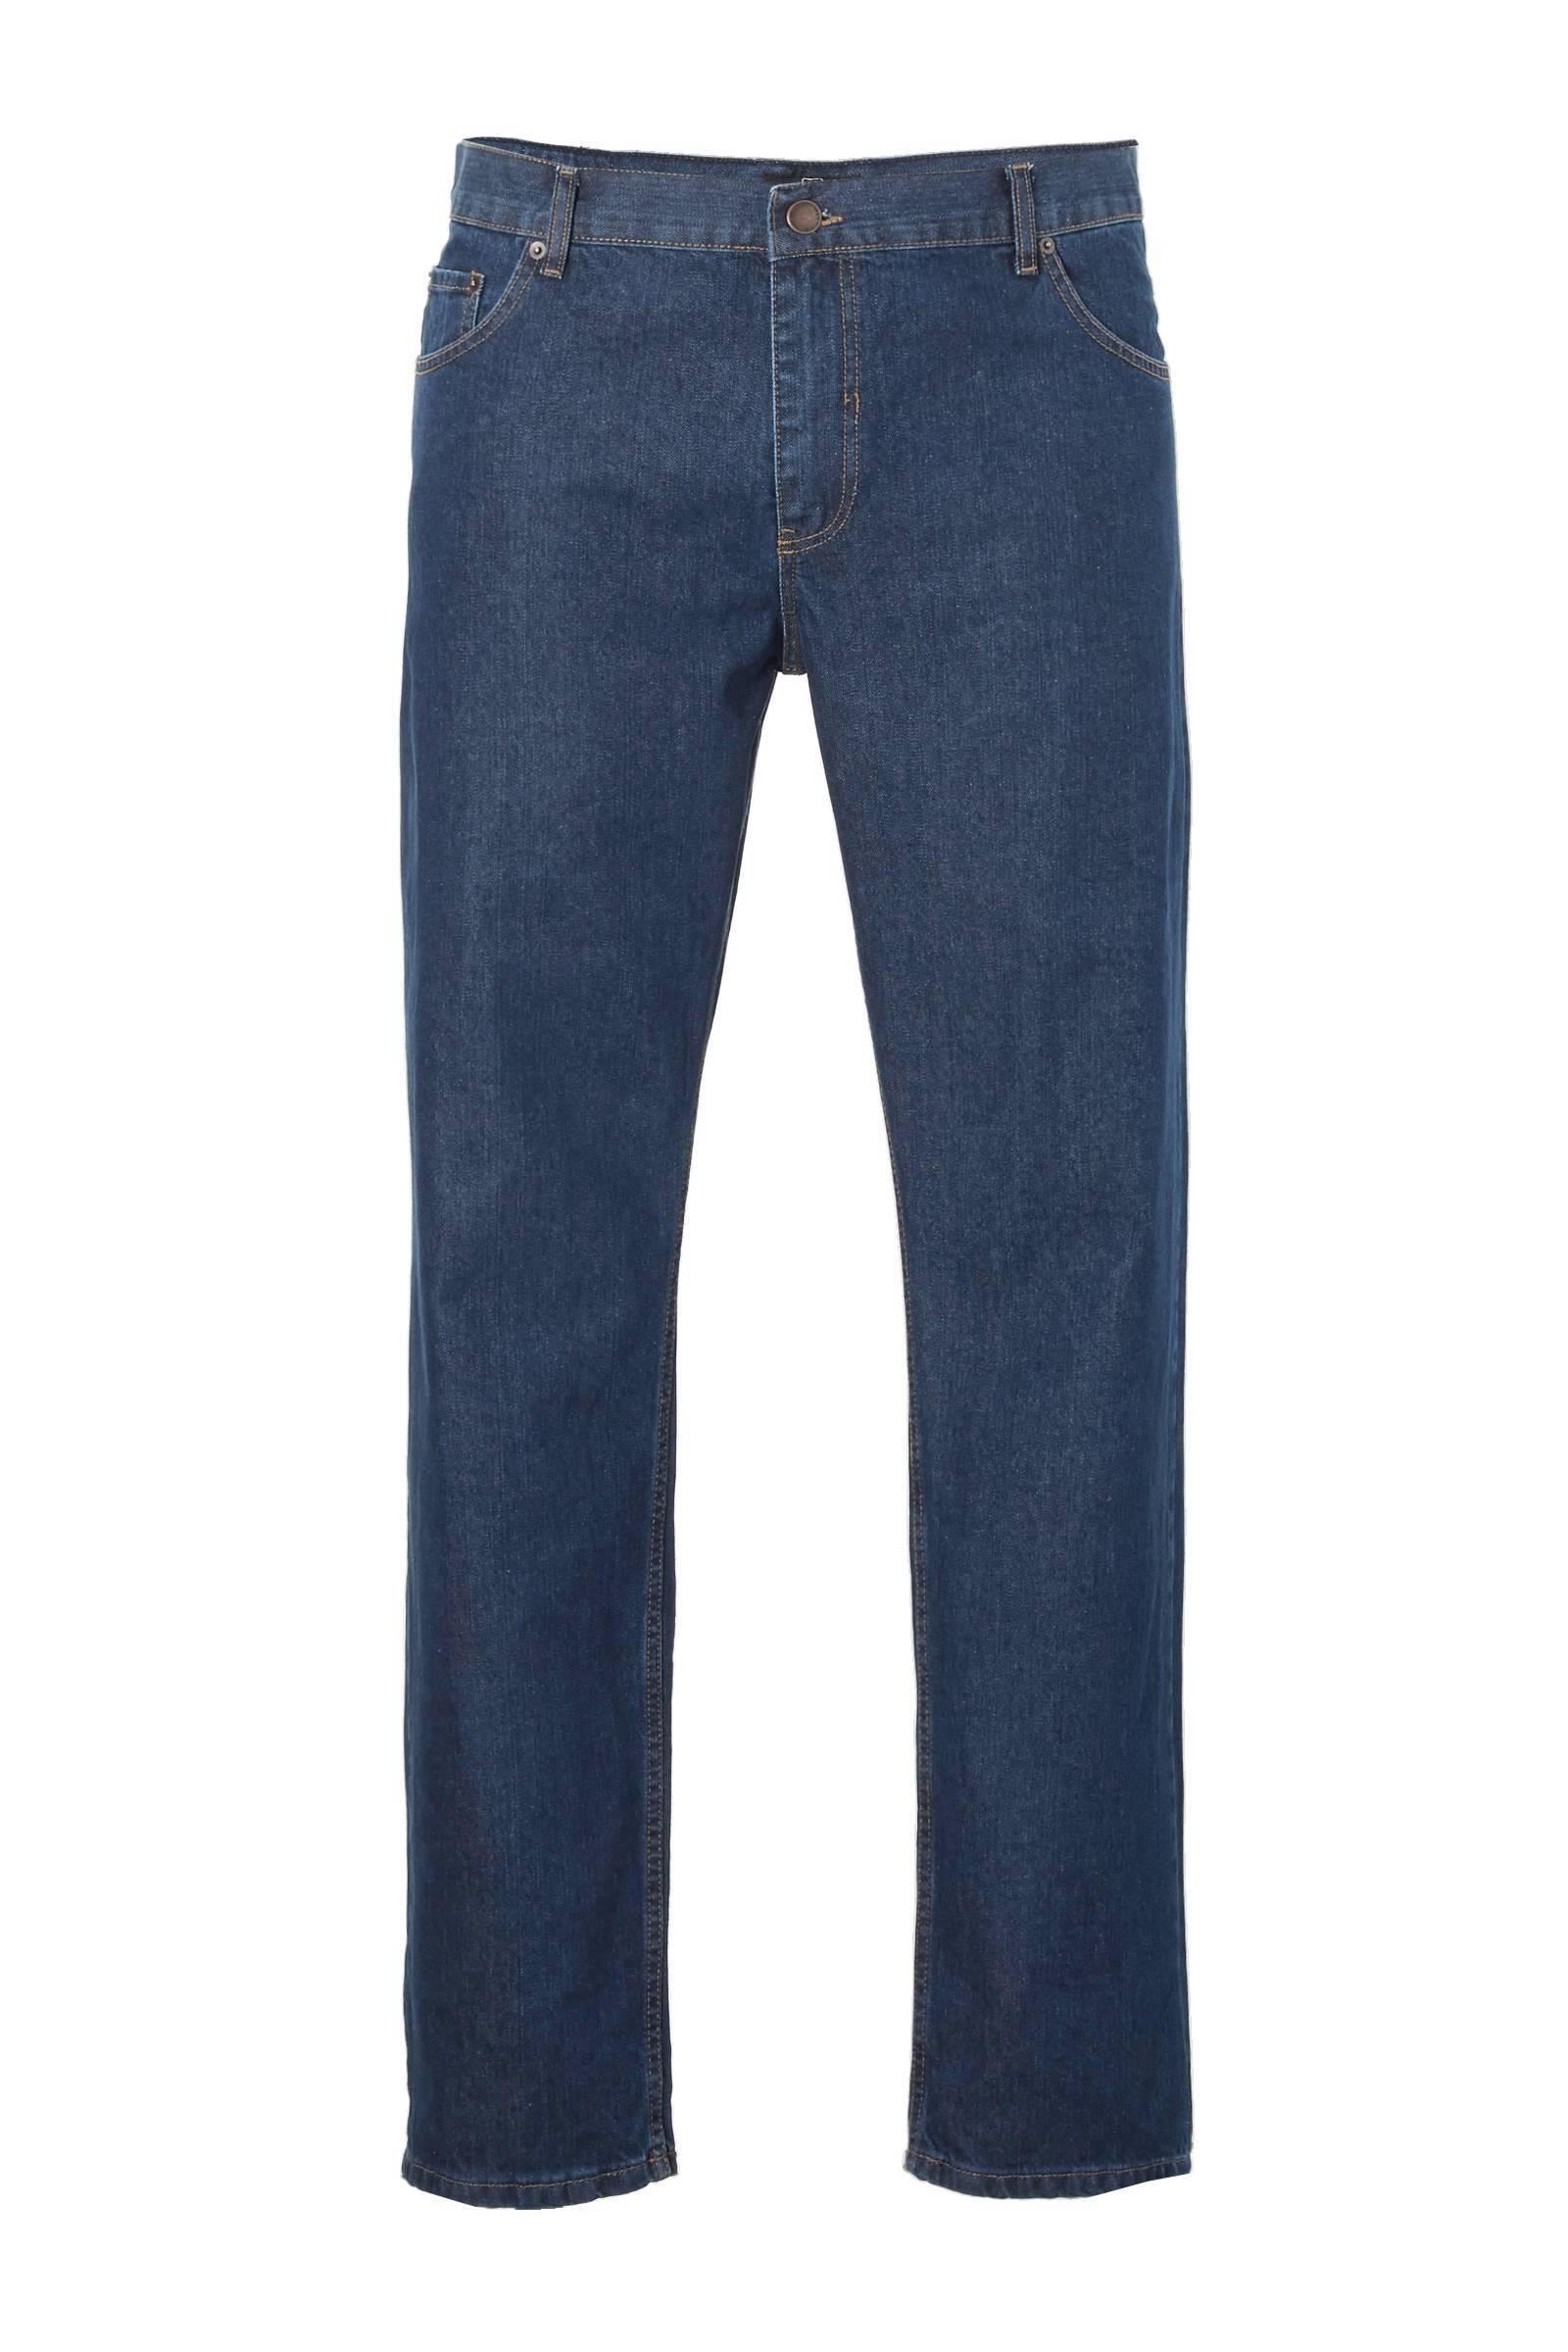 Melvinsi +size regular fit jeans  (heren)